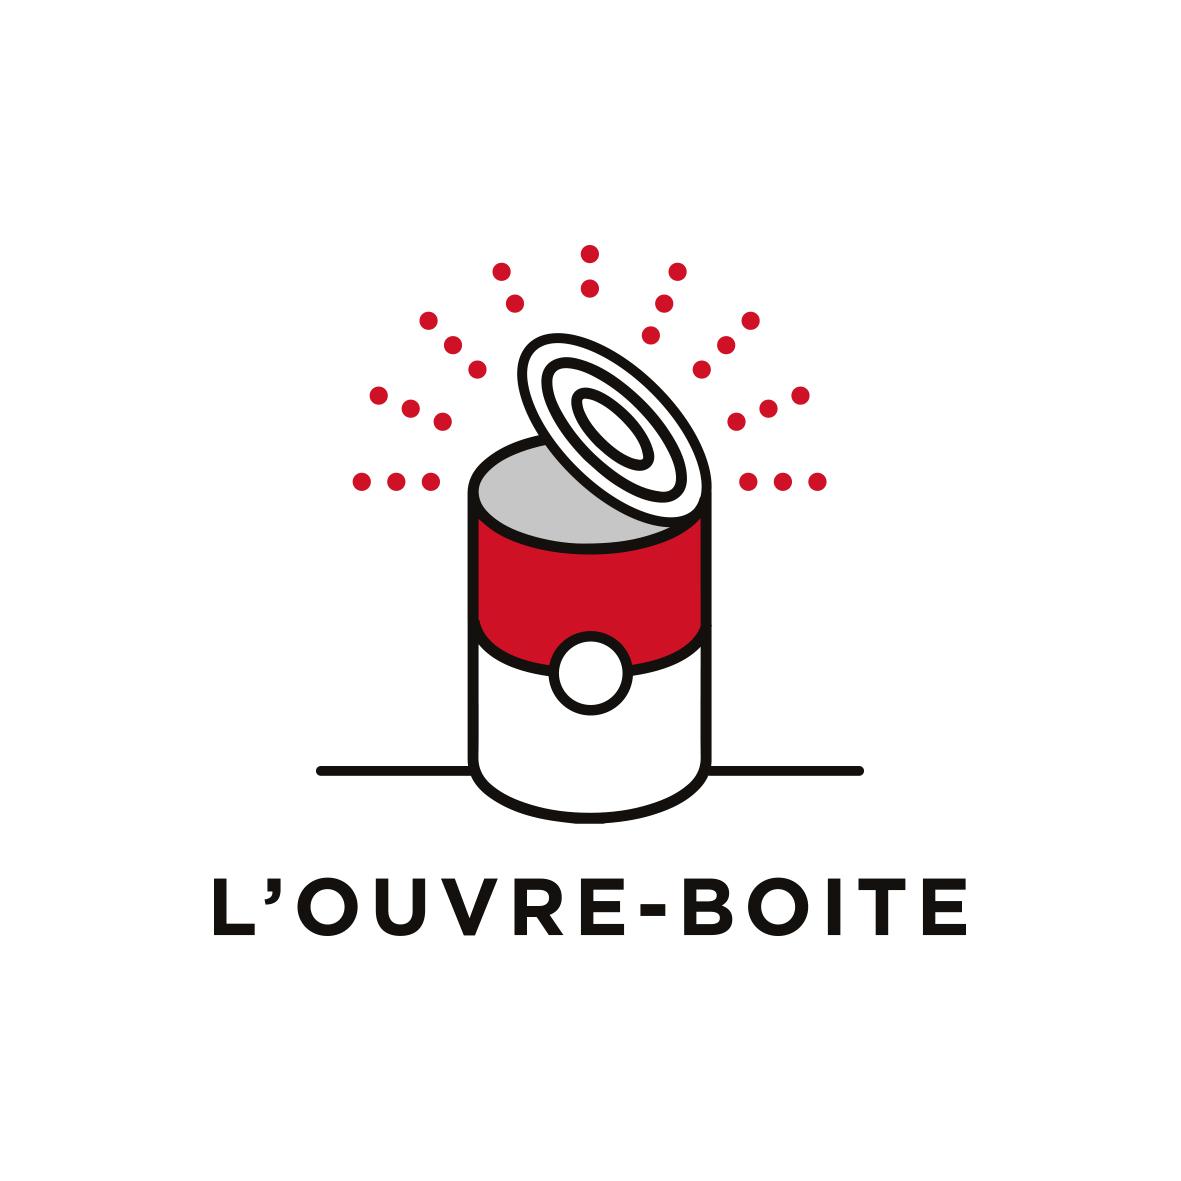 LOGO-OUVRE-BOITE